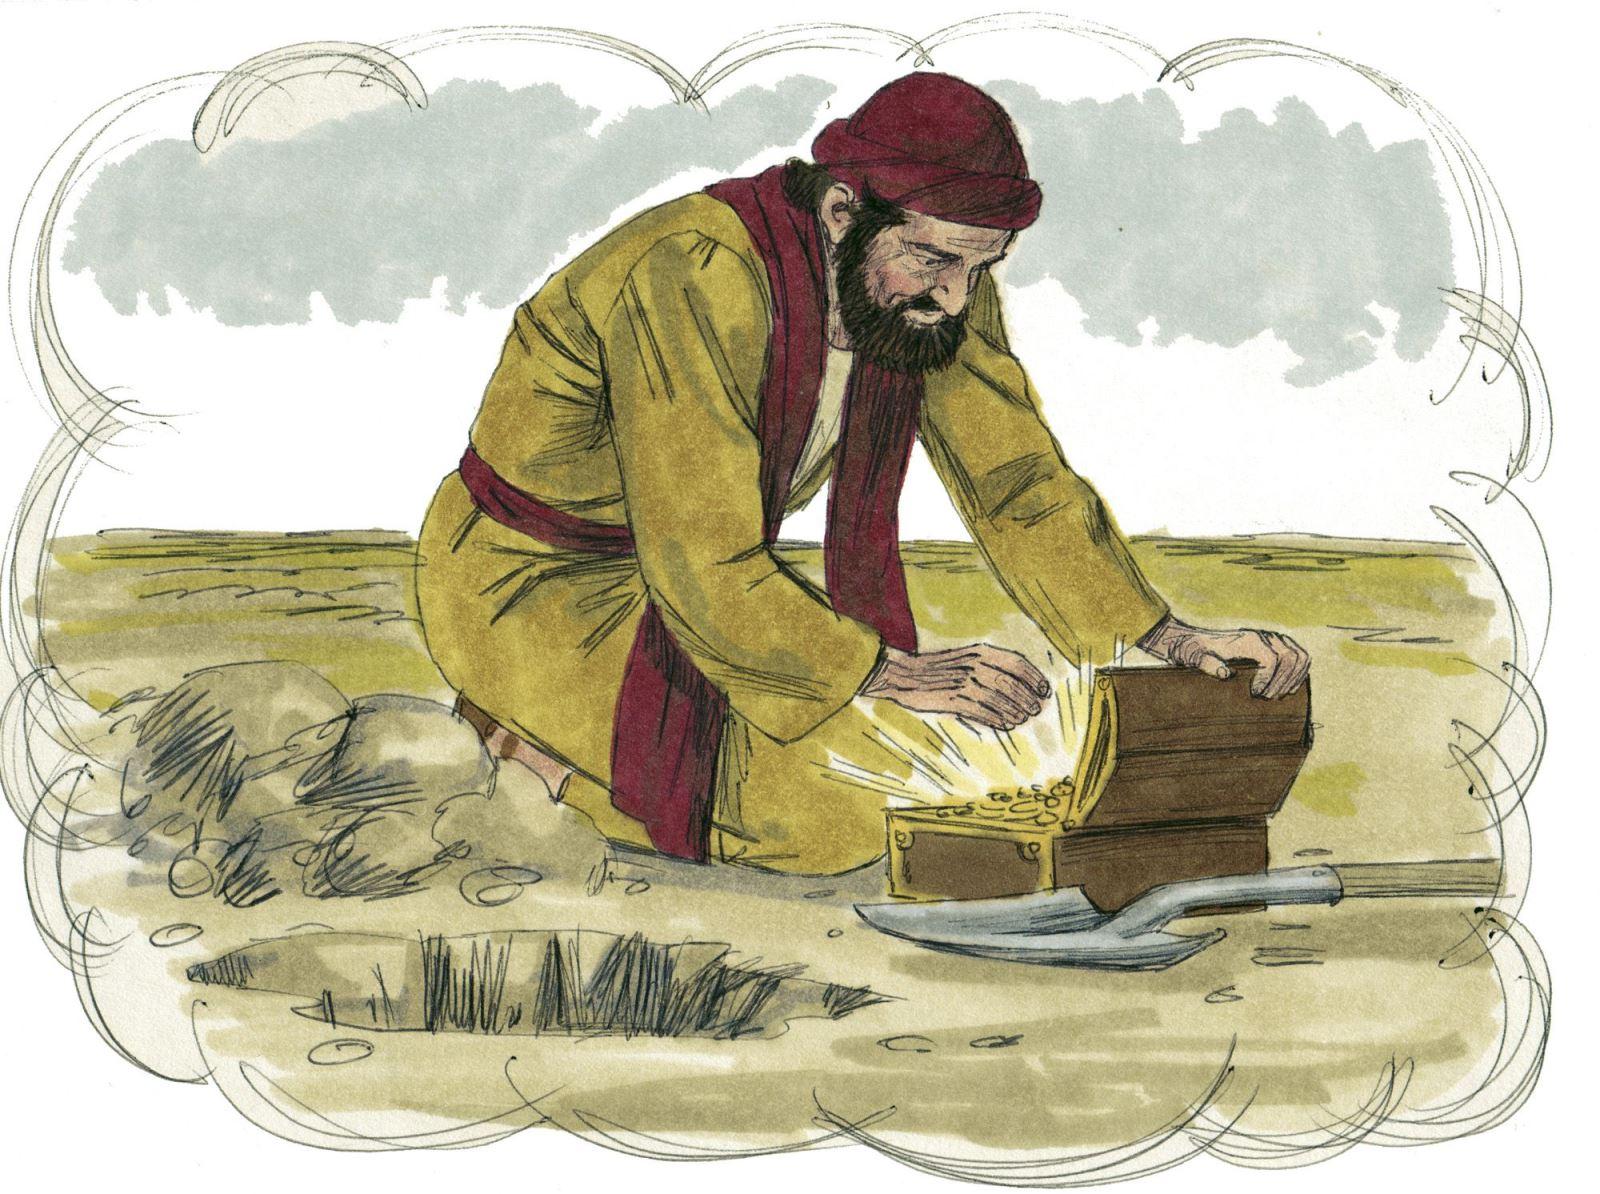 Tìm kiếm, vui mừng vì được sở hữu Nước Trời. Suy niệm Chúa Nhật XVII Thường Niên.